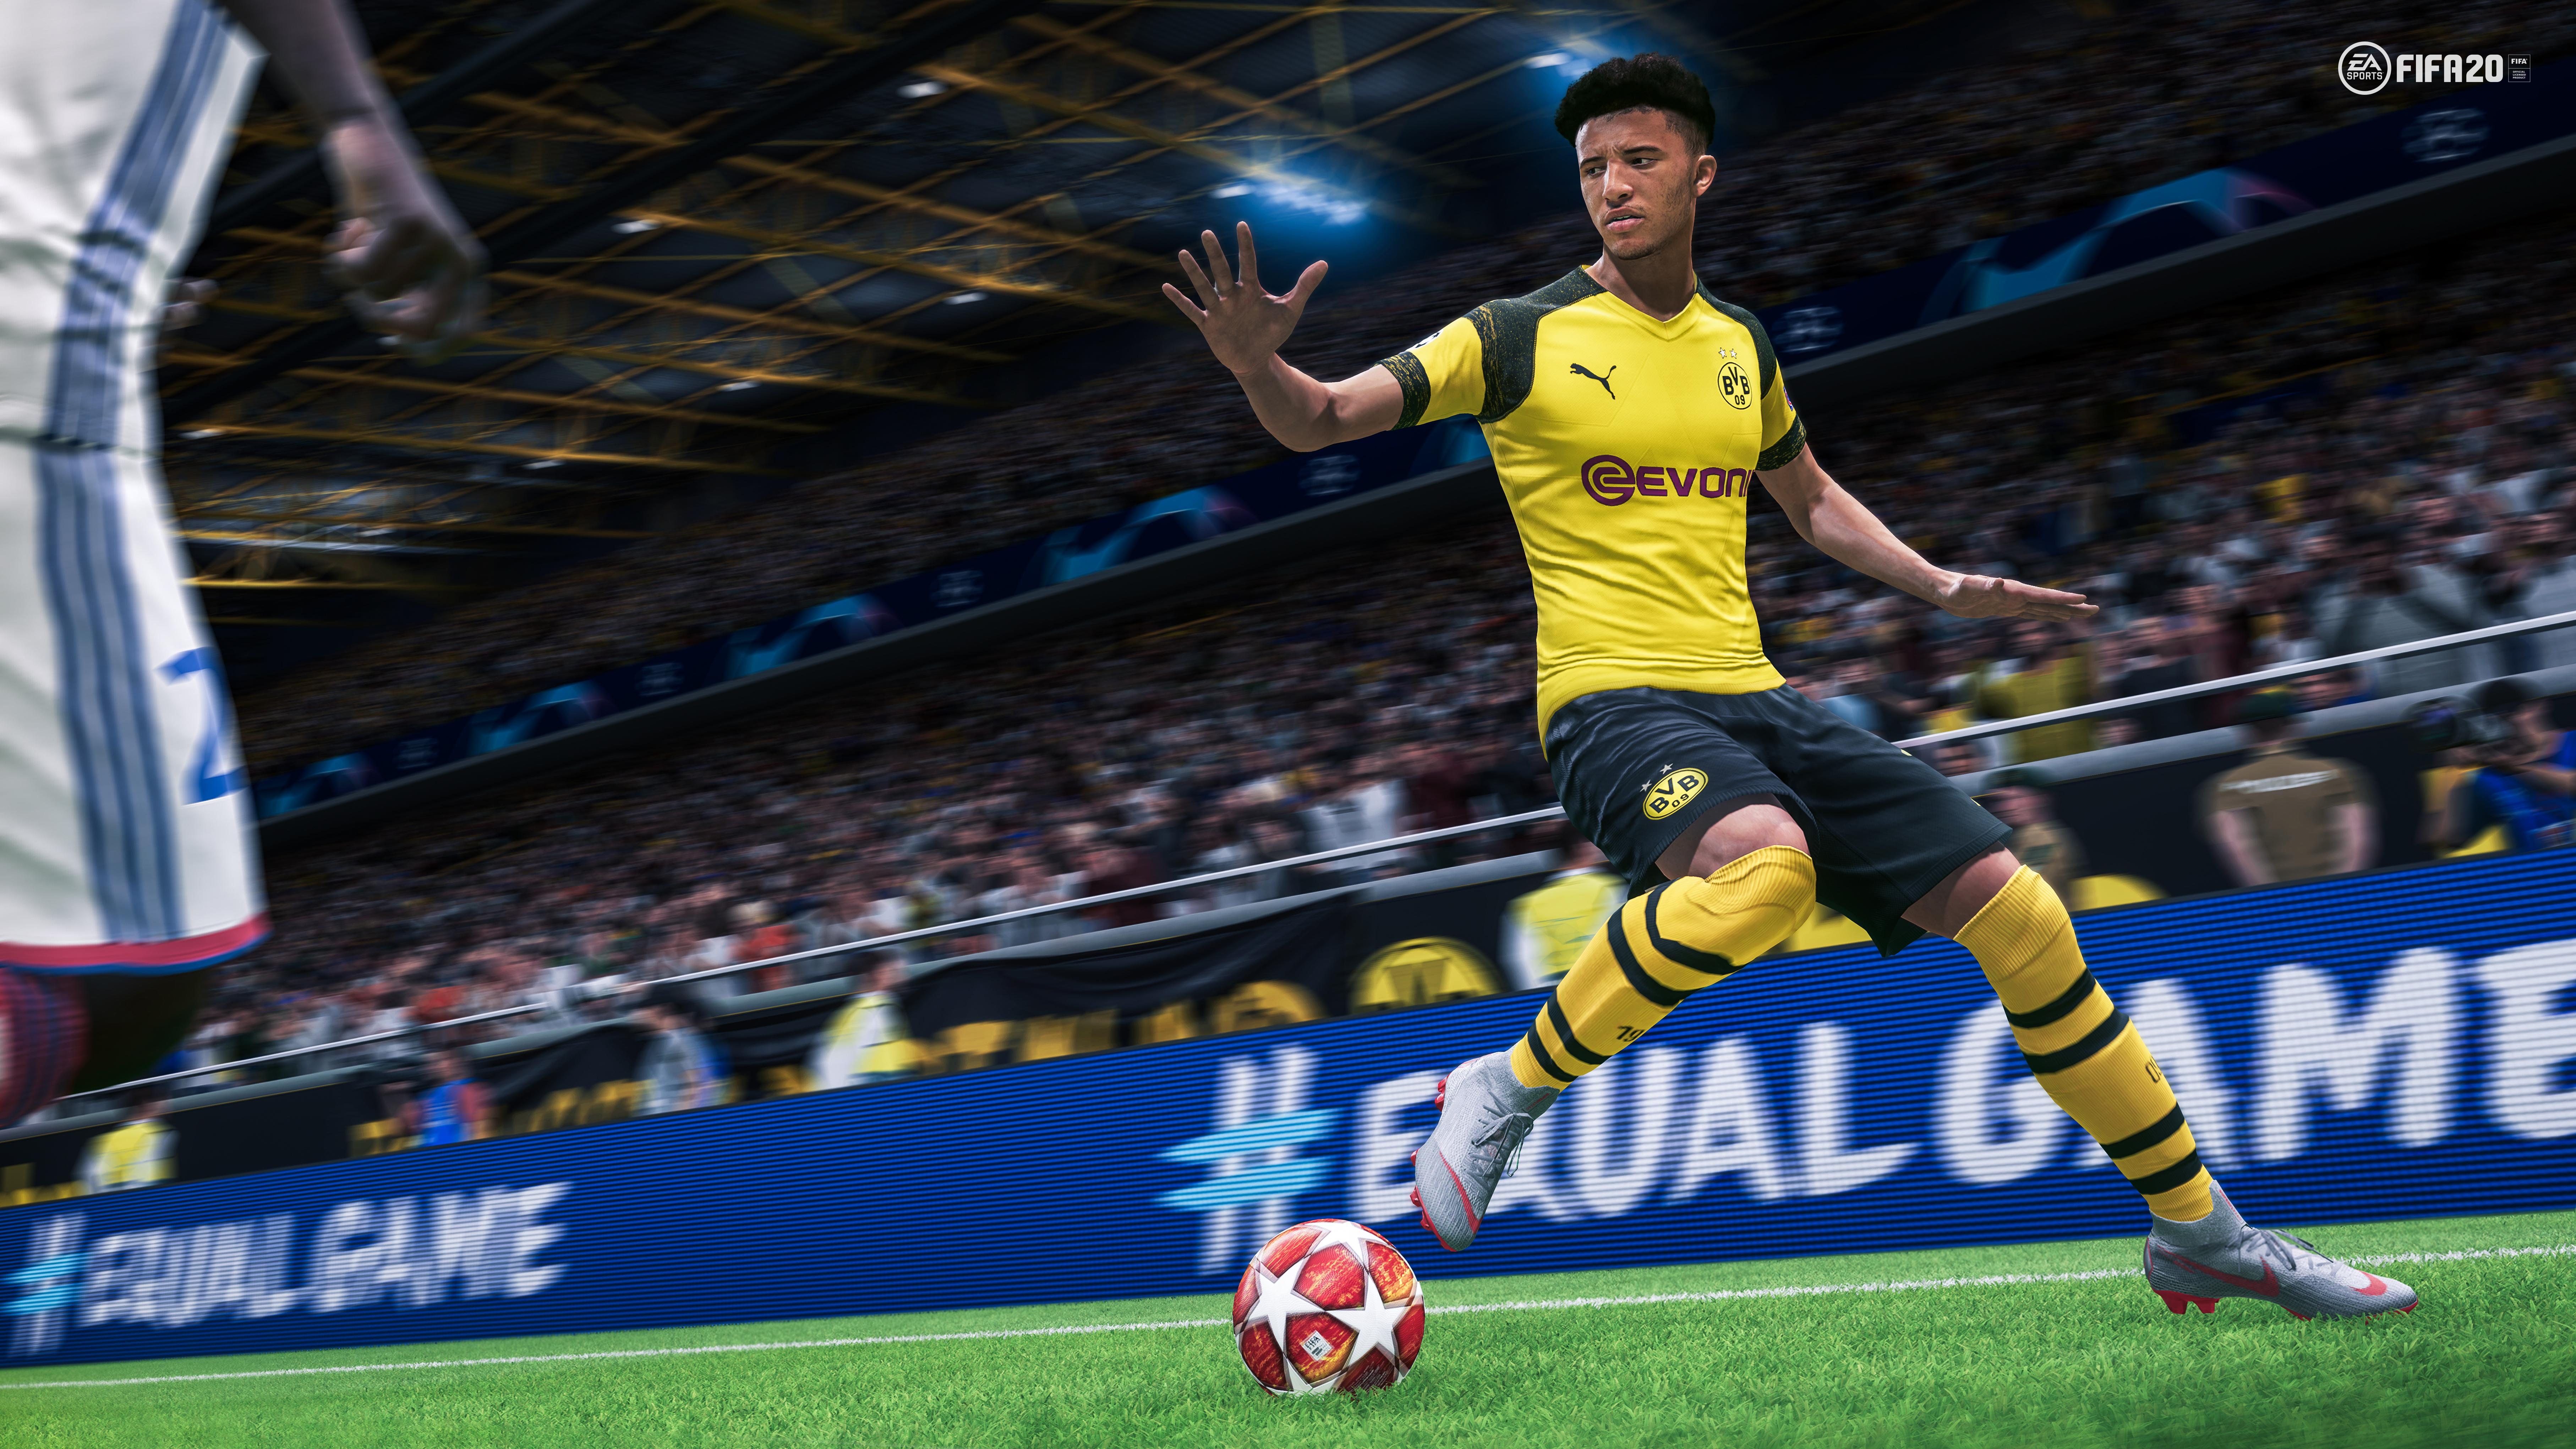 Jadon Sancho FIFA 20